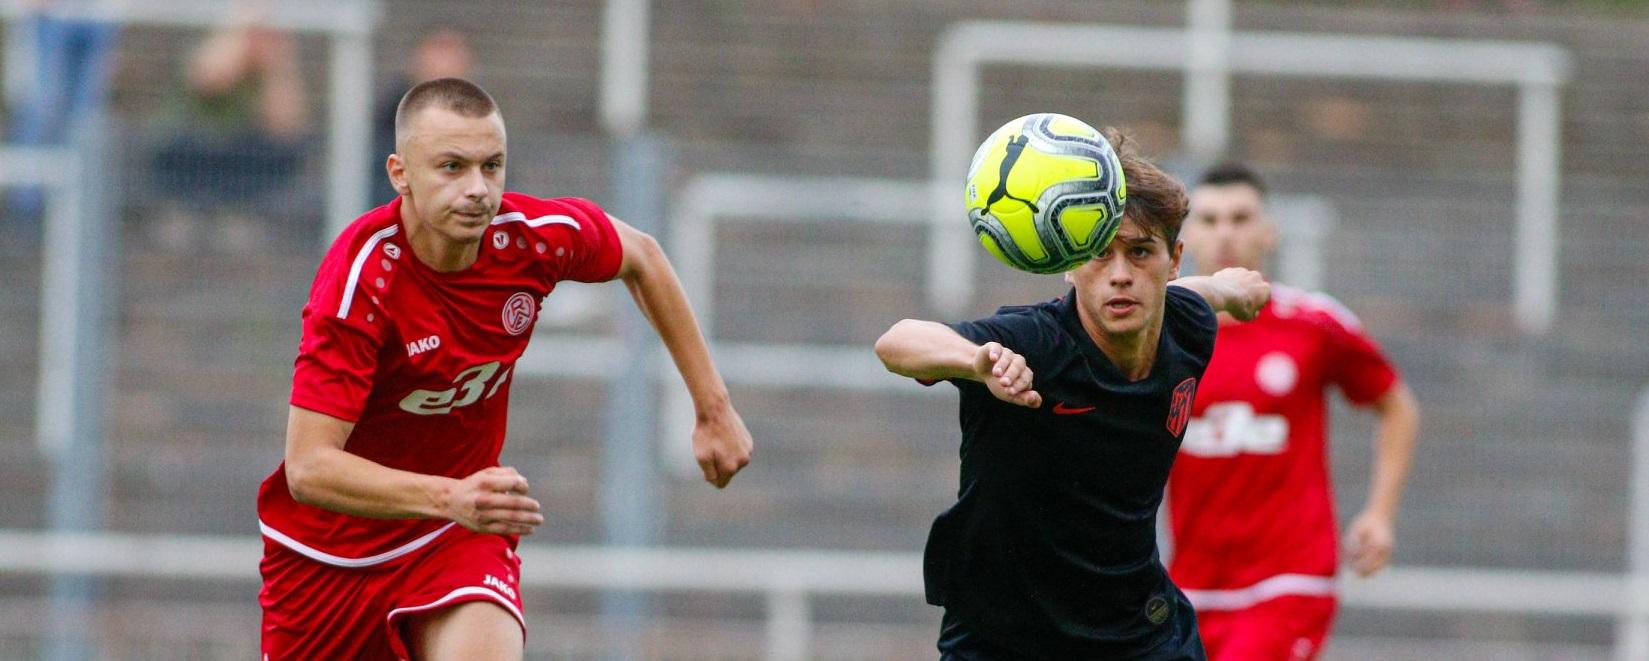 EMKA RUHR-Cup International: Beim Vorbereitungsturnier traf die rot-weisse U19 unter anderem auf Atlético Madrid und siegte. (Foto: Breilmannswiese)